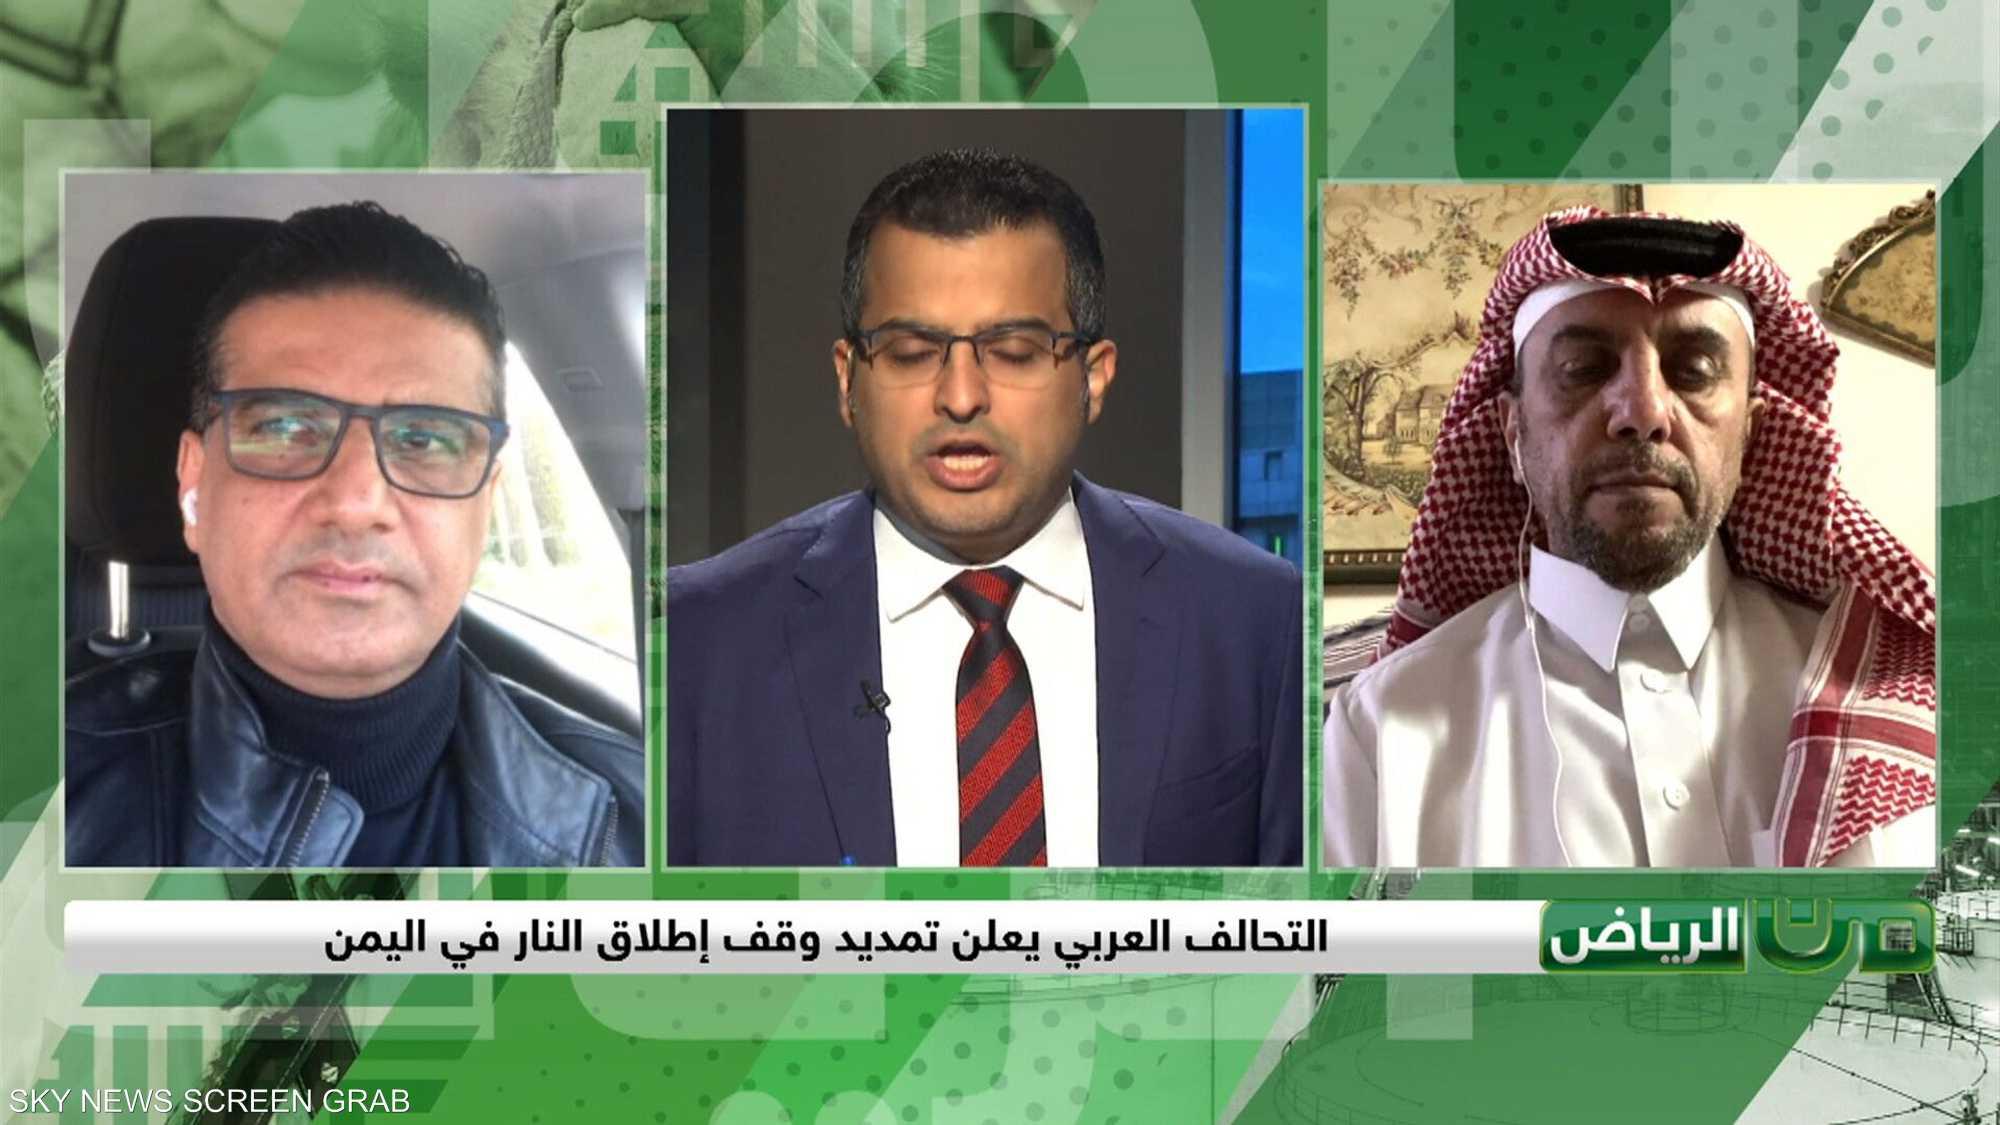 خروقات الحوثي لوقف إطلاق النار تفاقم الأزمة الإنسانية باليمن